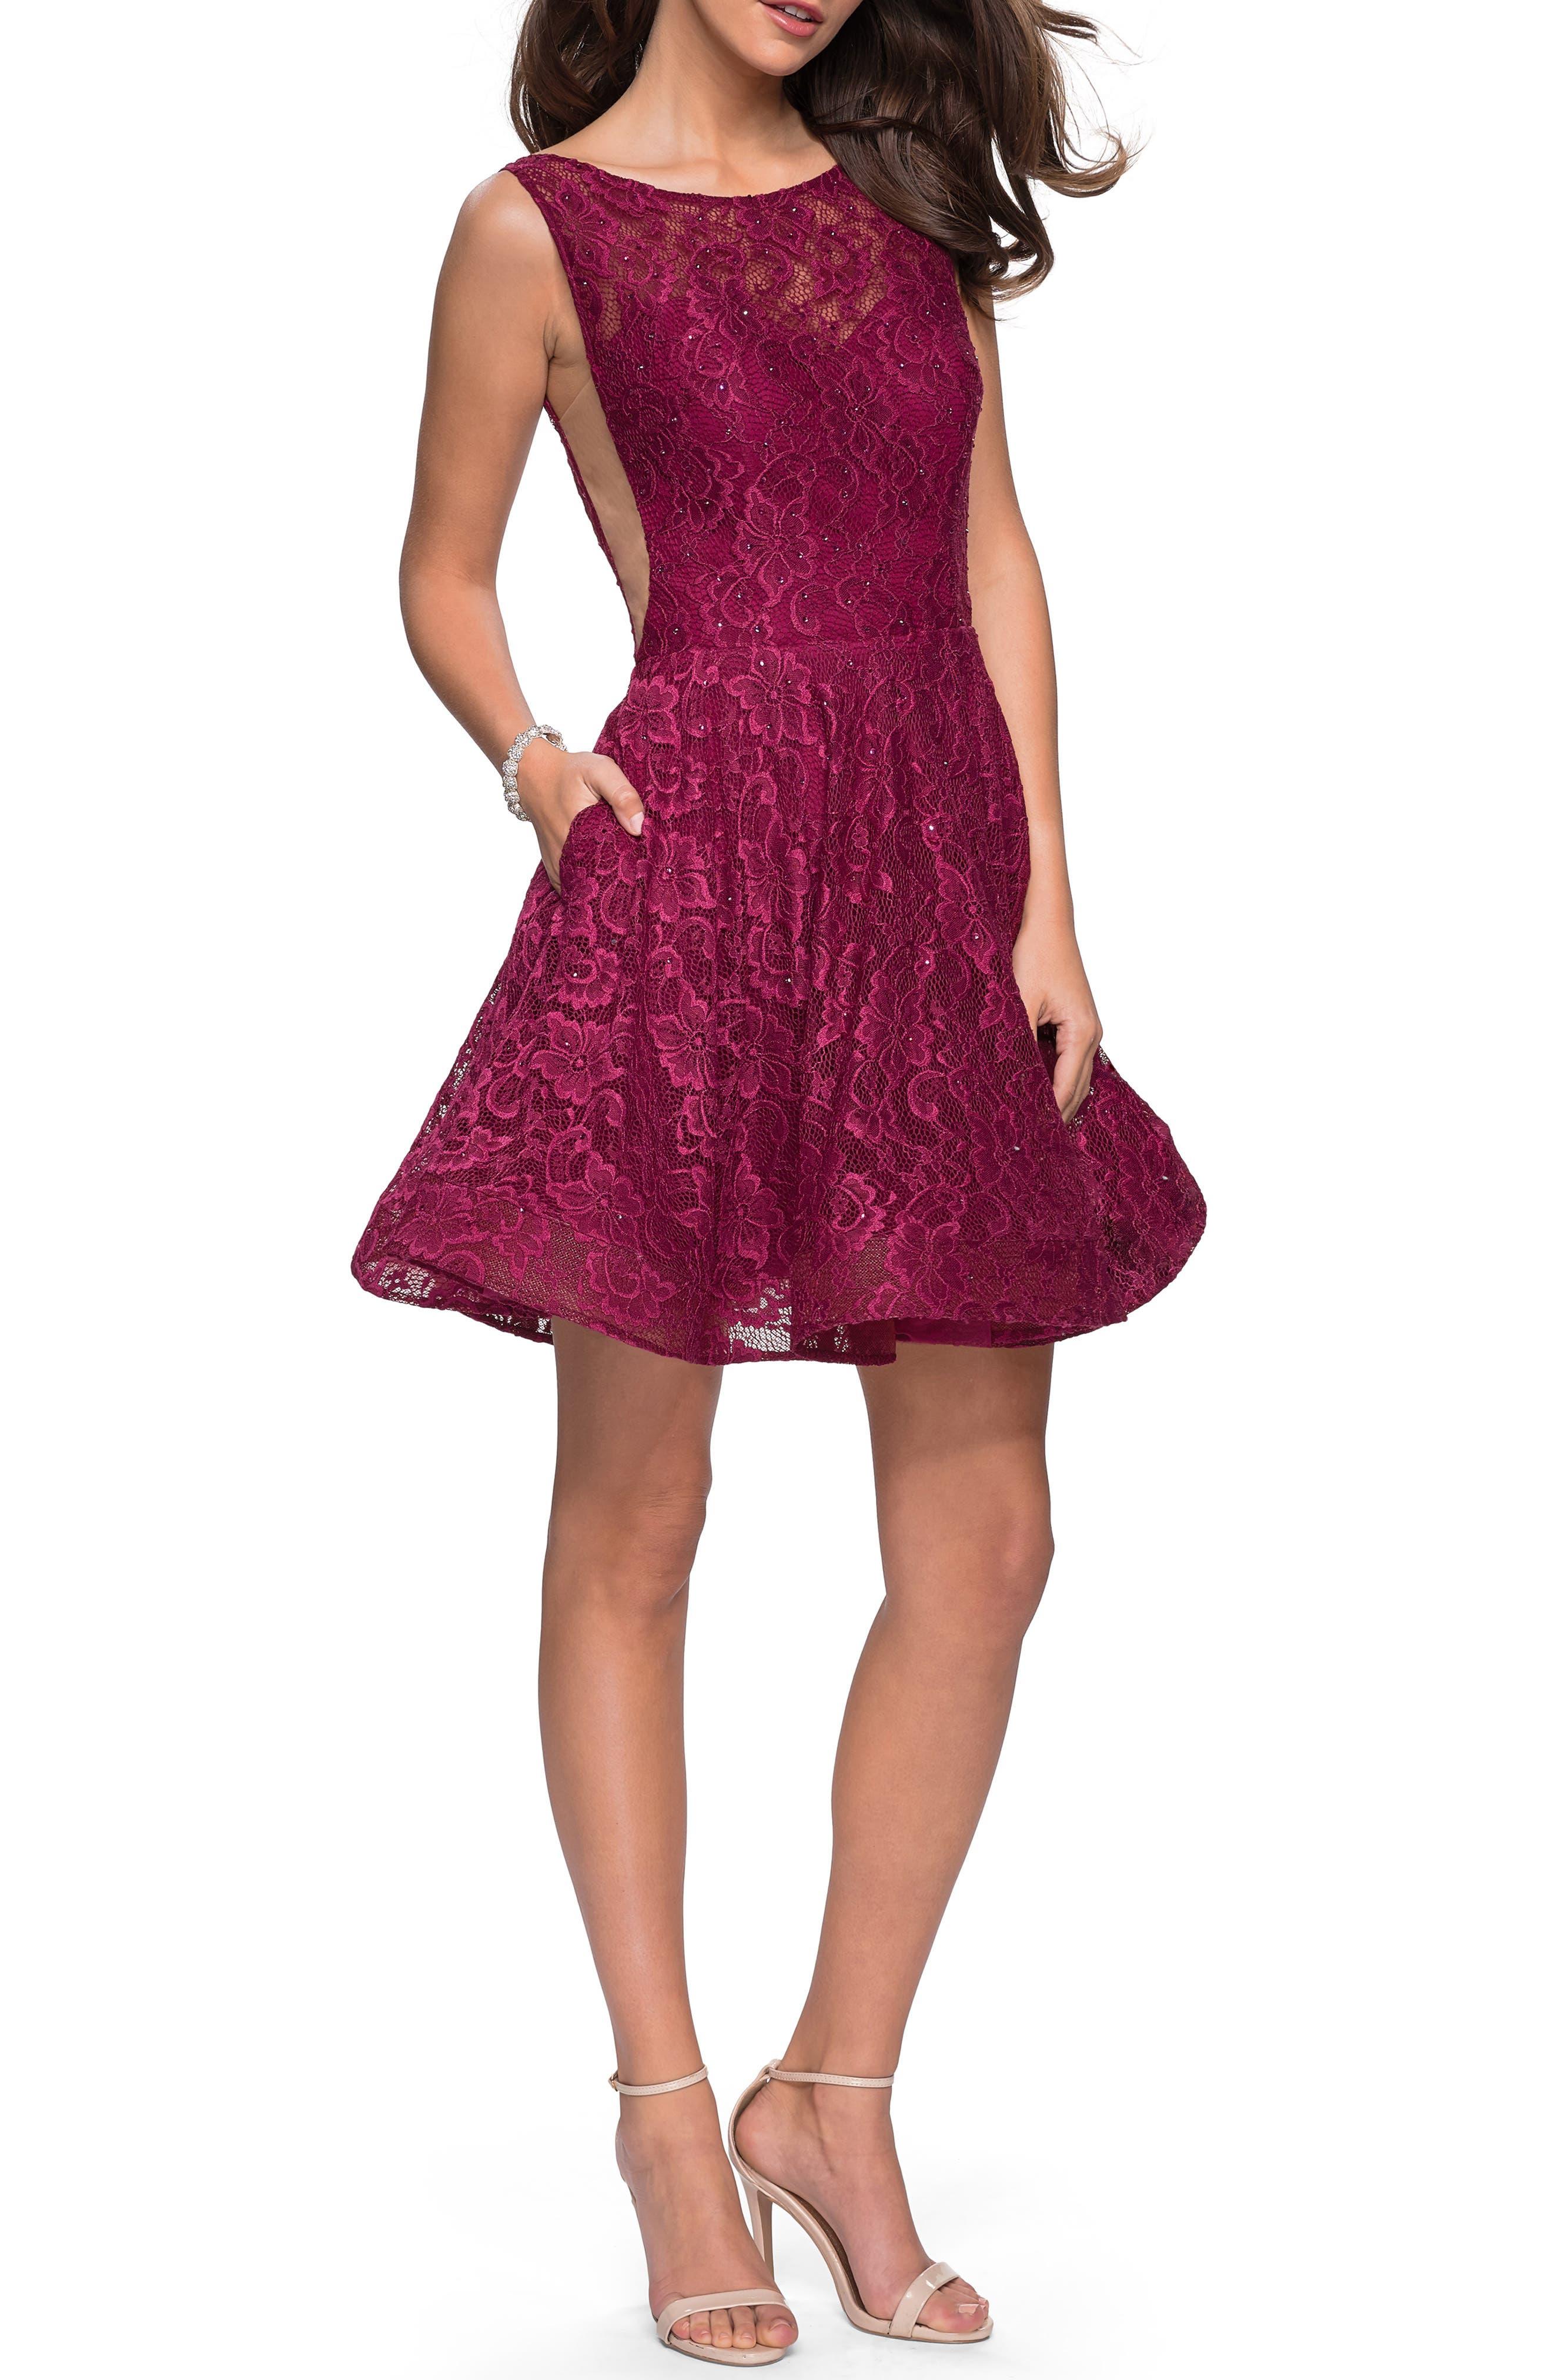 La Femme Lace Fit & Flare Party Dress, Burgundy